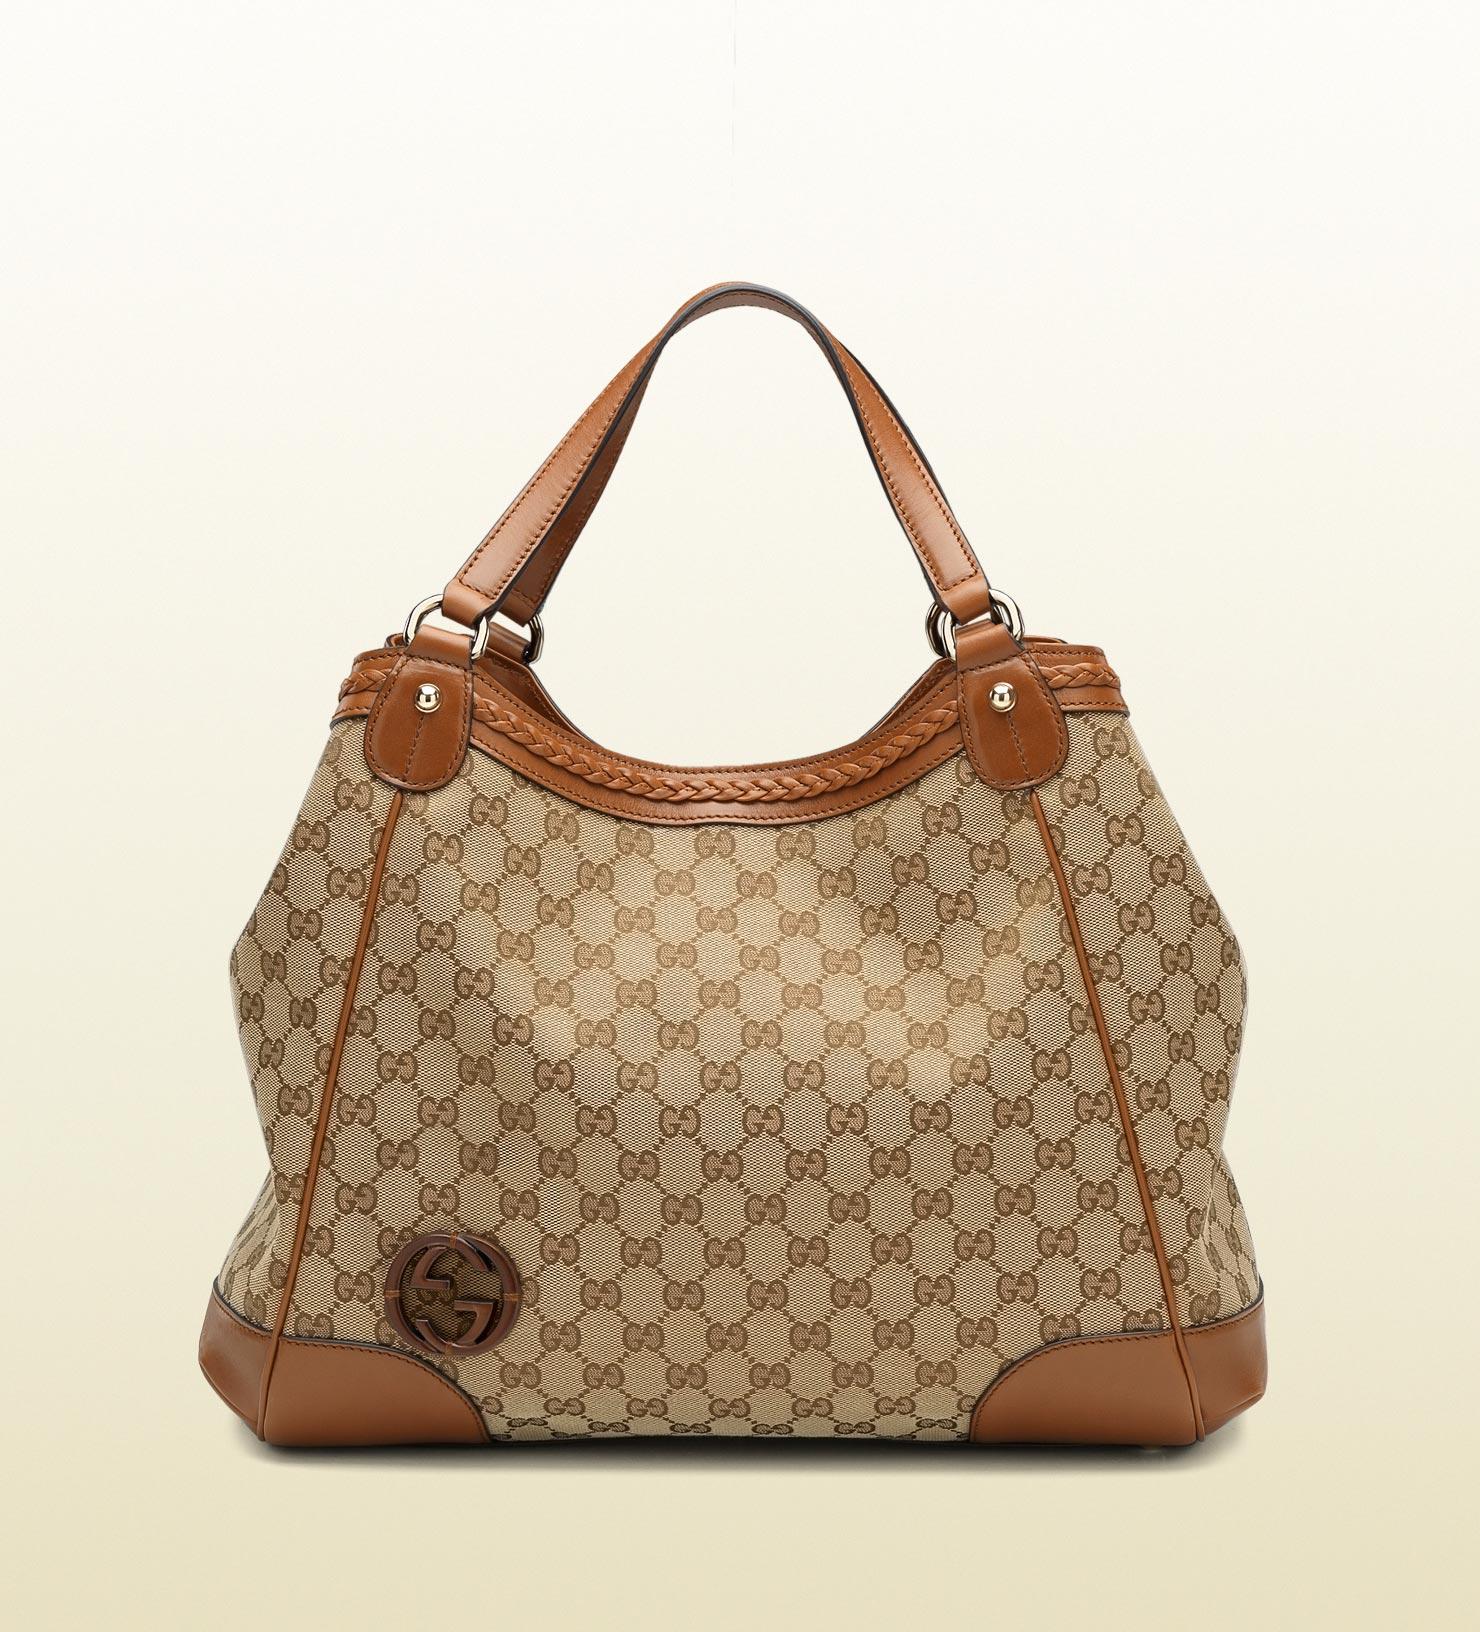 e8c15e185514 Gucci Brick Lane Original Gg Canvas Tote in Brown - Lyst Gucci Tian Garden  Tote Bag ...